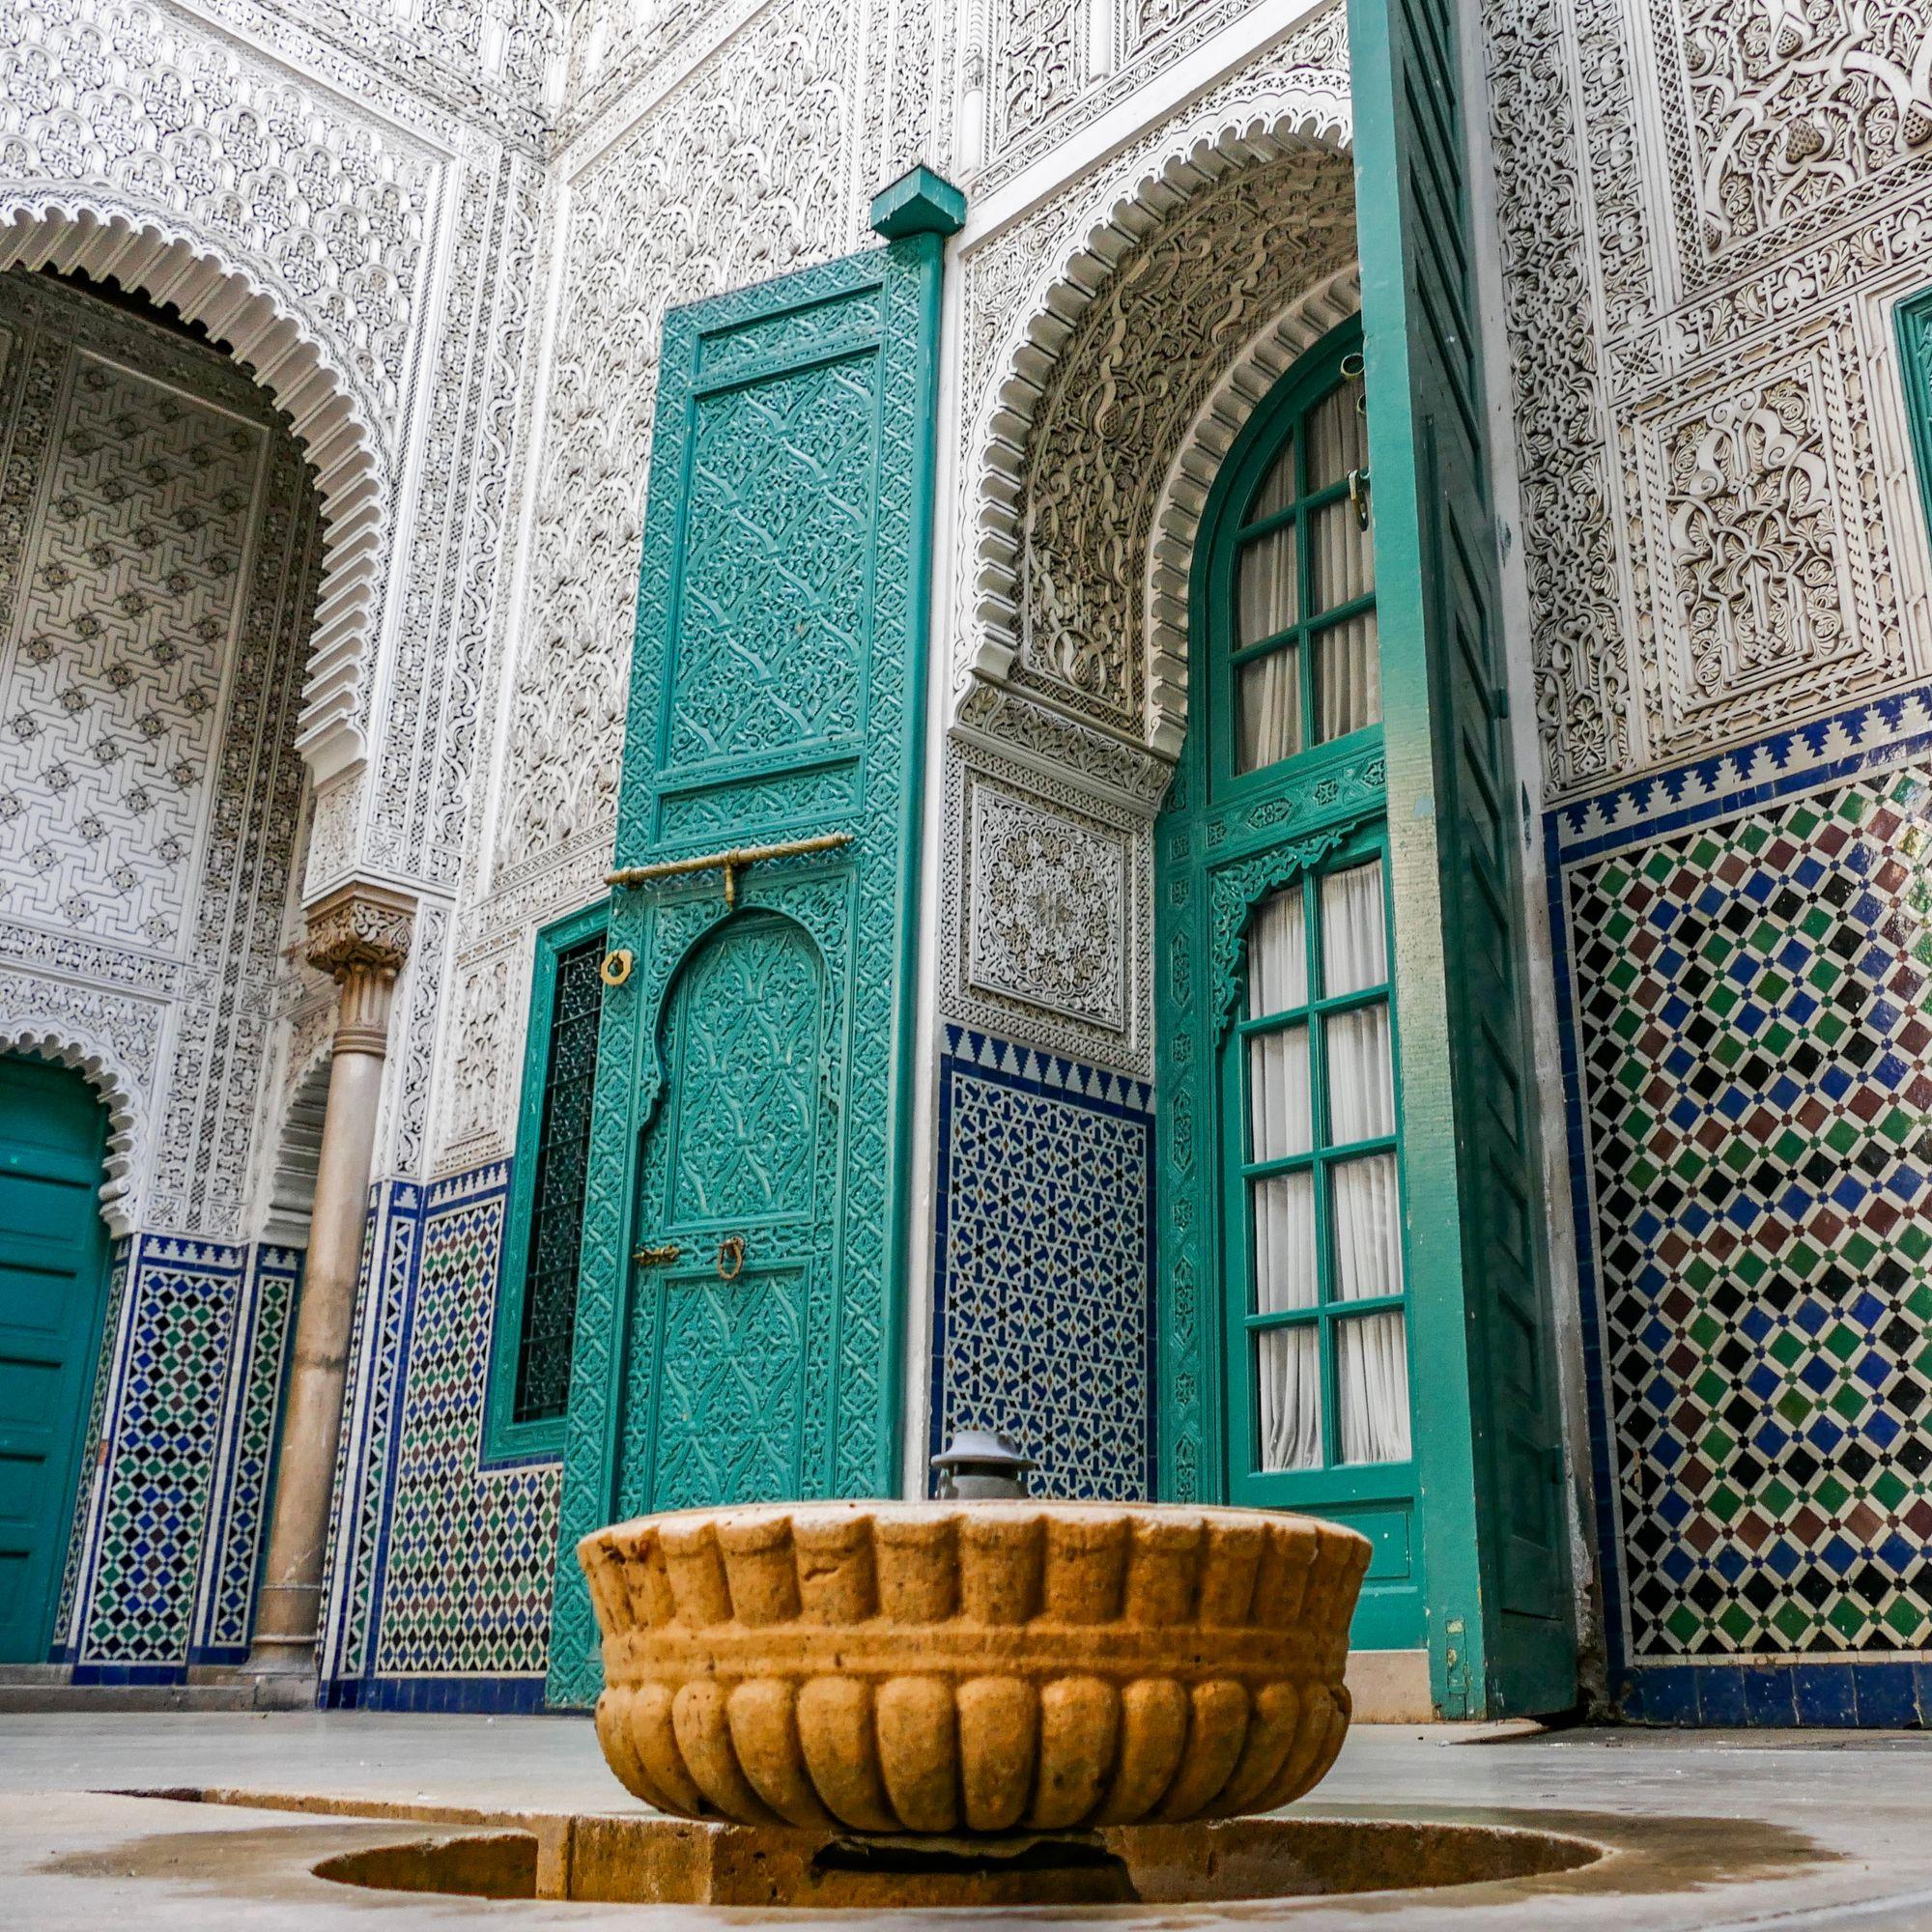 Марокканская мозаика Зеллидж является важной составляющей интерьера риада